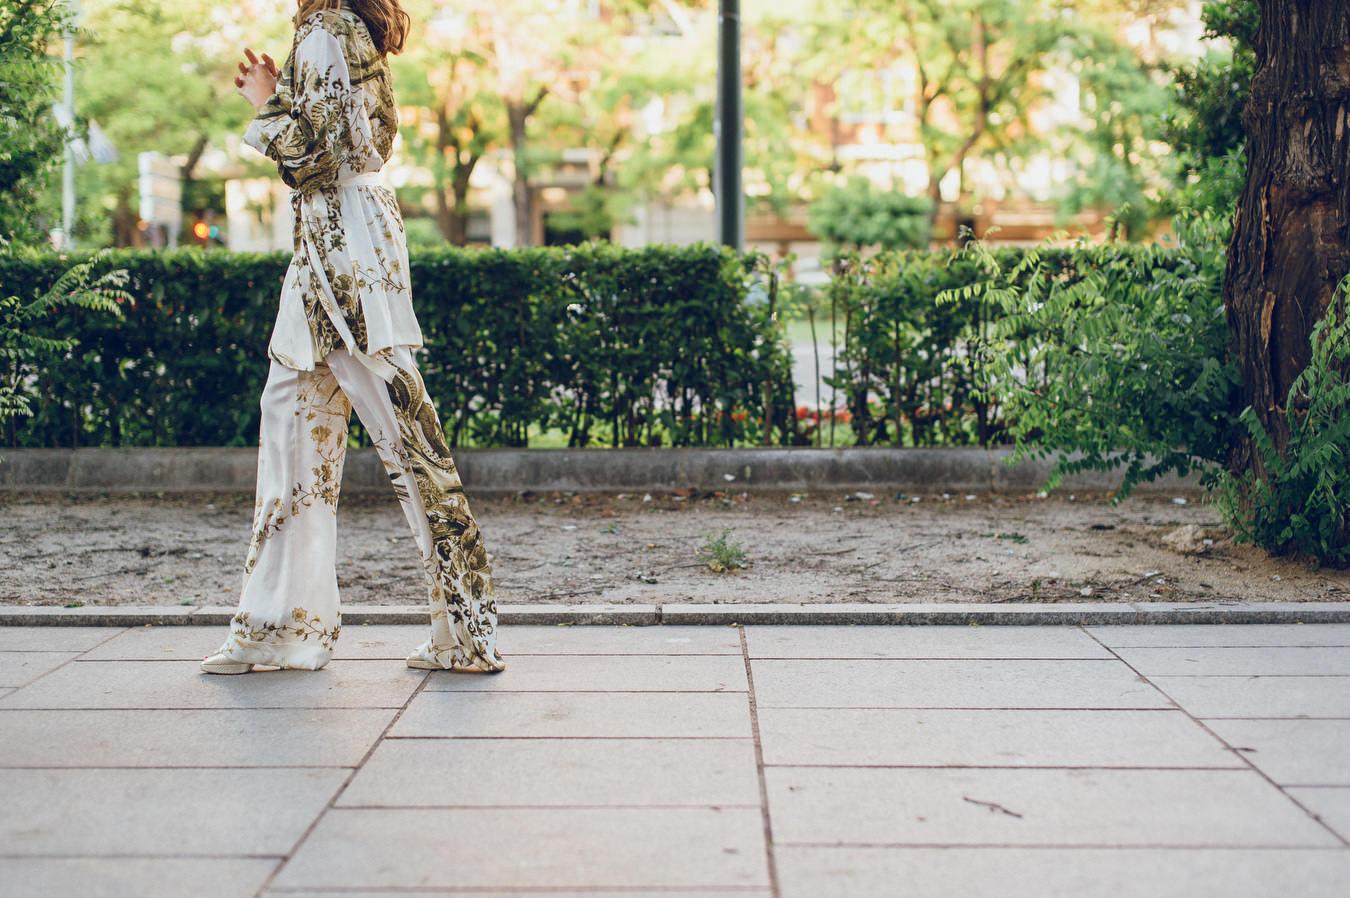 calista-one-lista-de-bodas-online-blog-de-bodas-bossanova-looks-invitadas-adriana-kimono-9